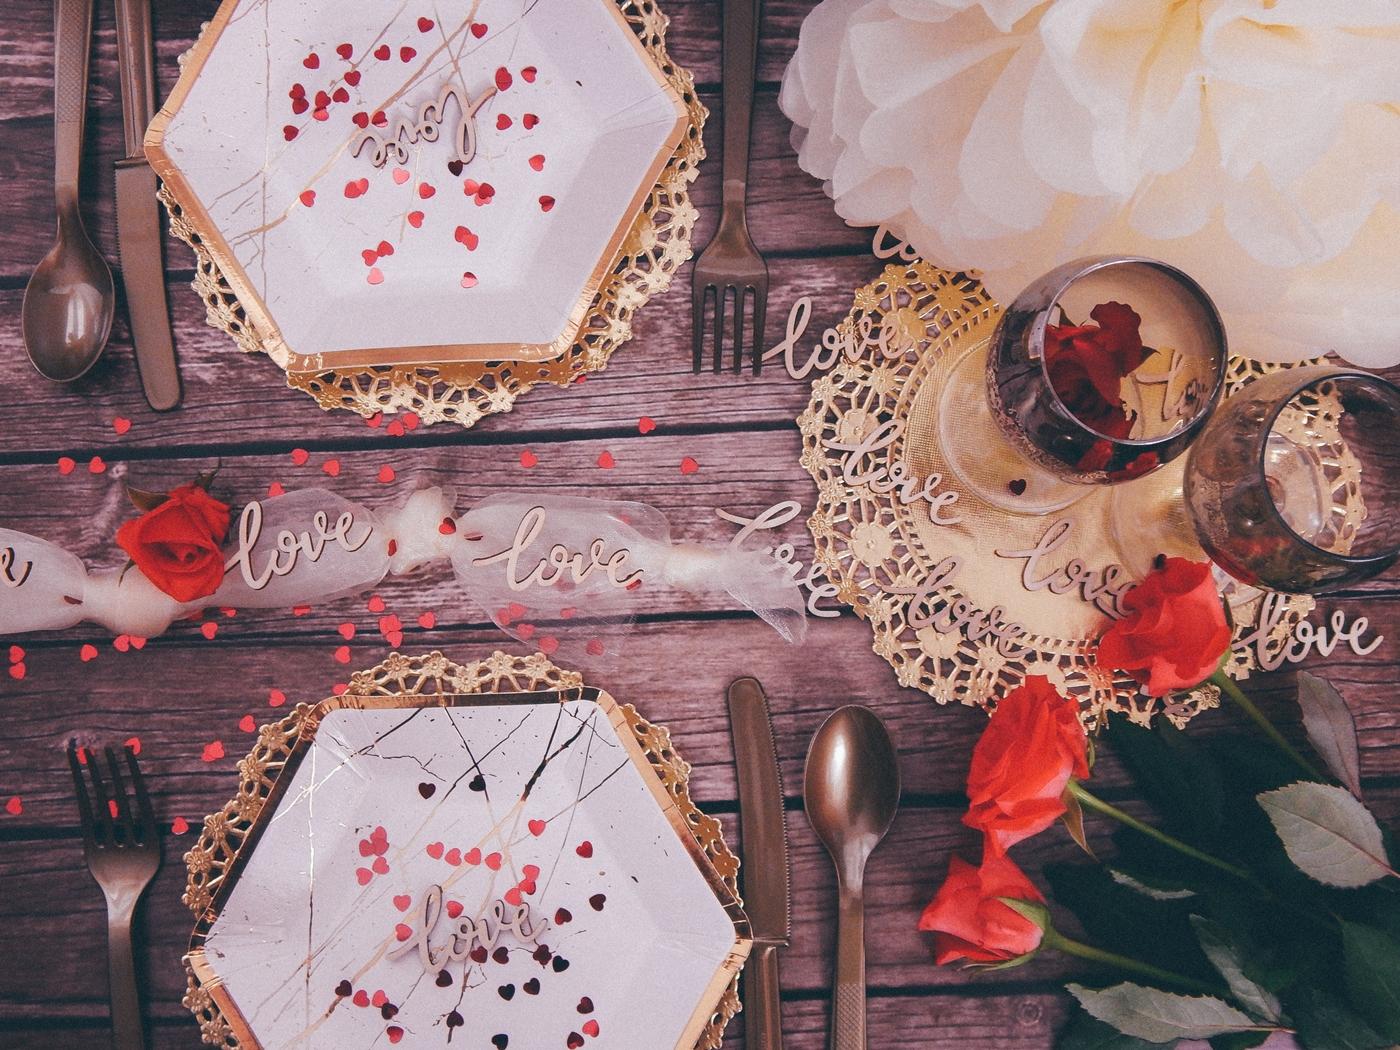 1 partybox stroje dekoracje gadżety na imprezy na urodziny na rocznice na ślub na wesele zaręczyny ozdobne talerze ozdobne sztućce dodatki wystrój wnętrz konfetti balony love tiul dekoracyjny złote dodatki